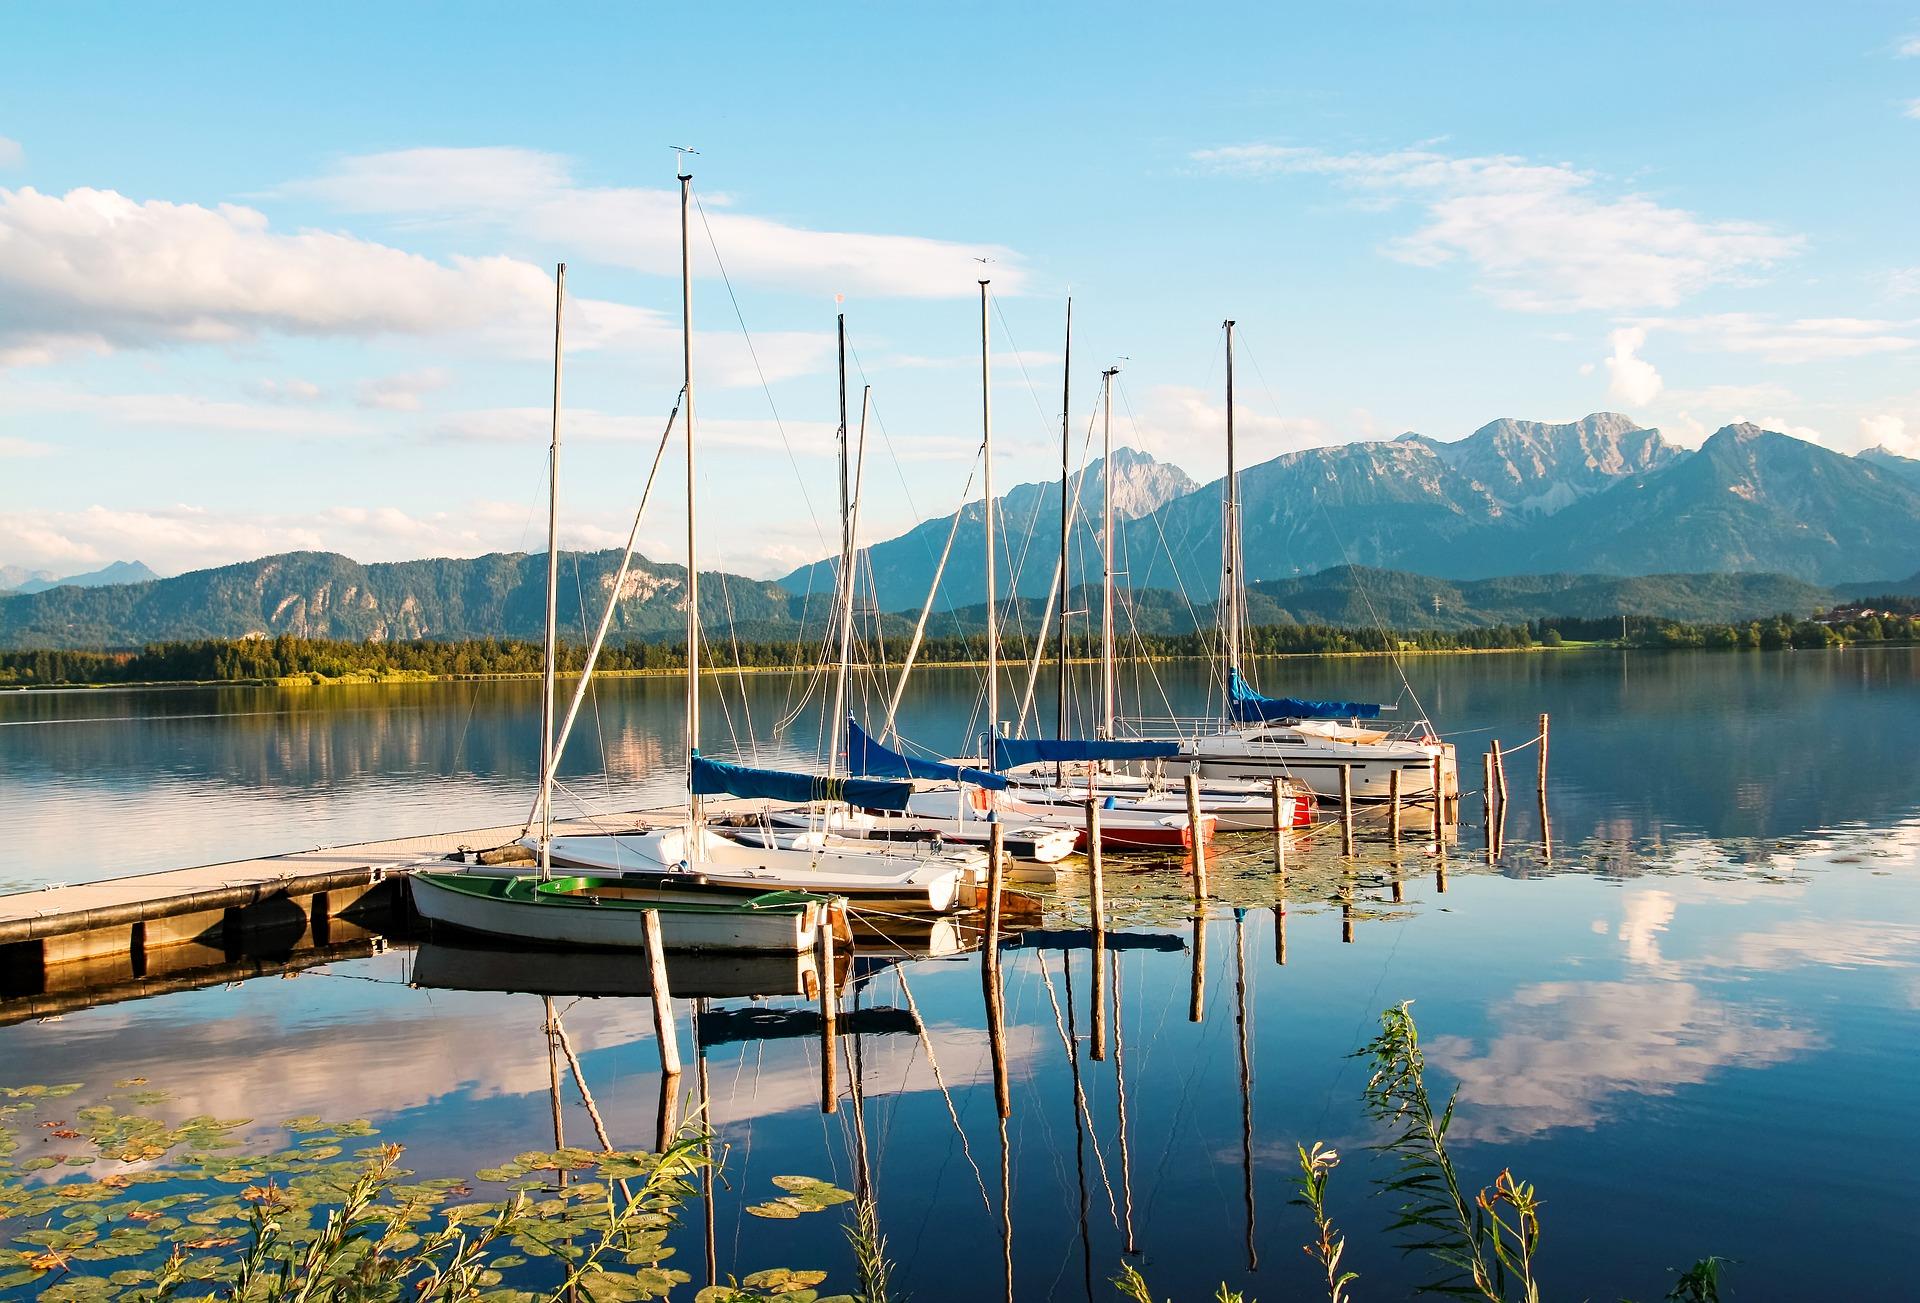 Buchungen für Bootsurlaube im Inland nehmen deutlich zu